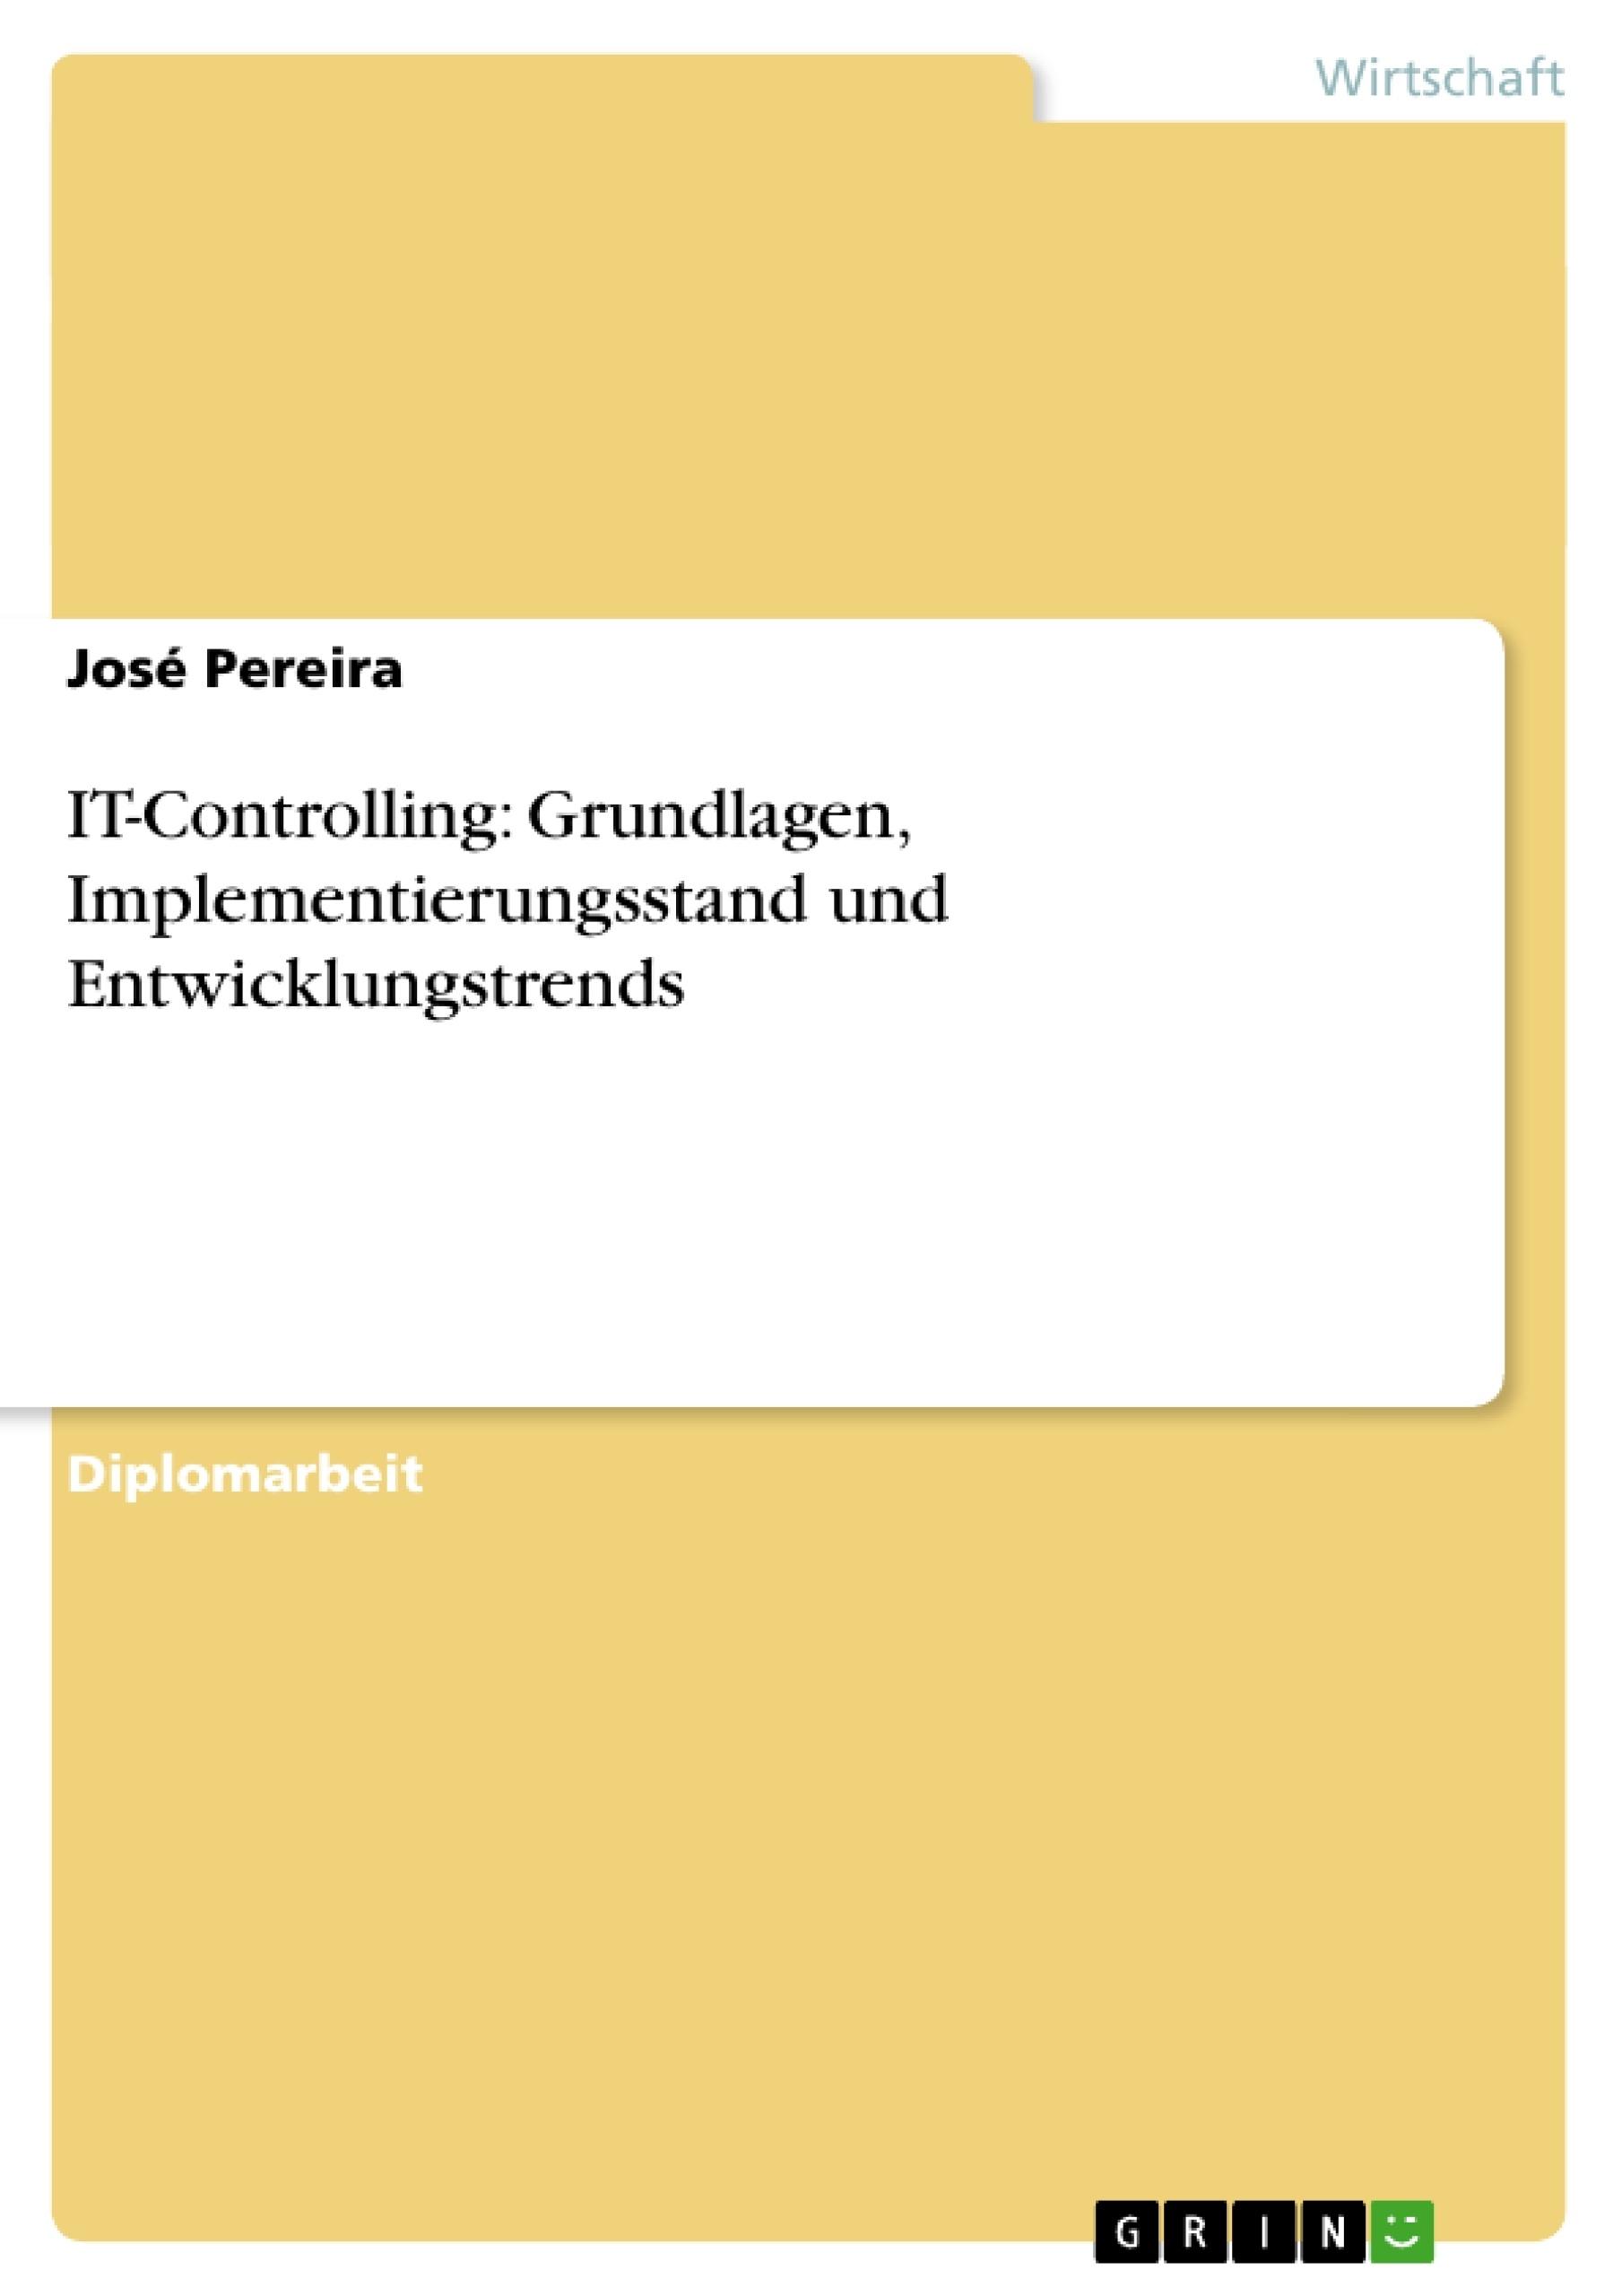 Titel: IT-Controlling: Grundlagen, Implementierungsstand und Entwicklungstrends